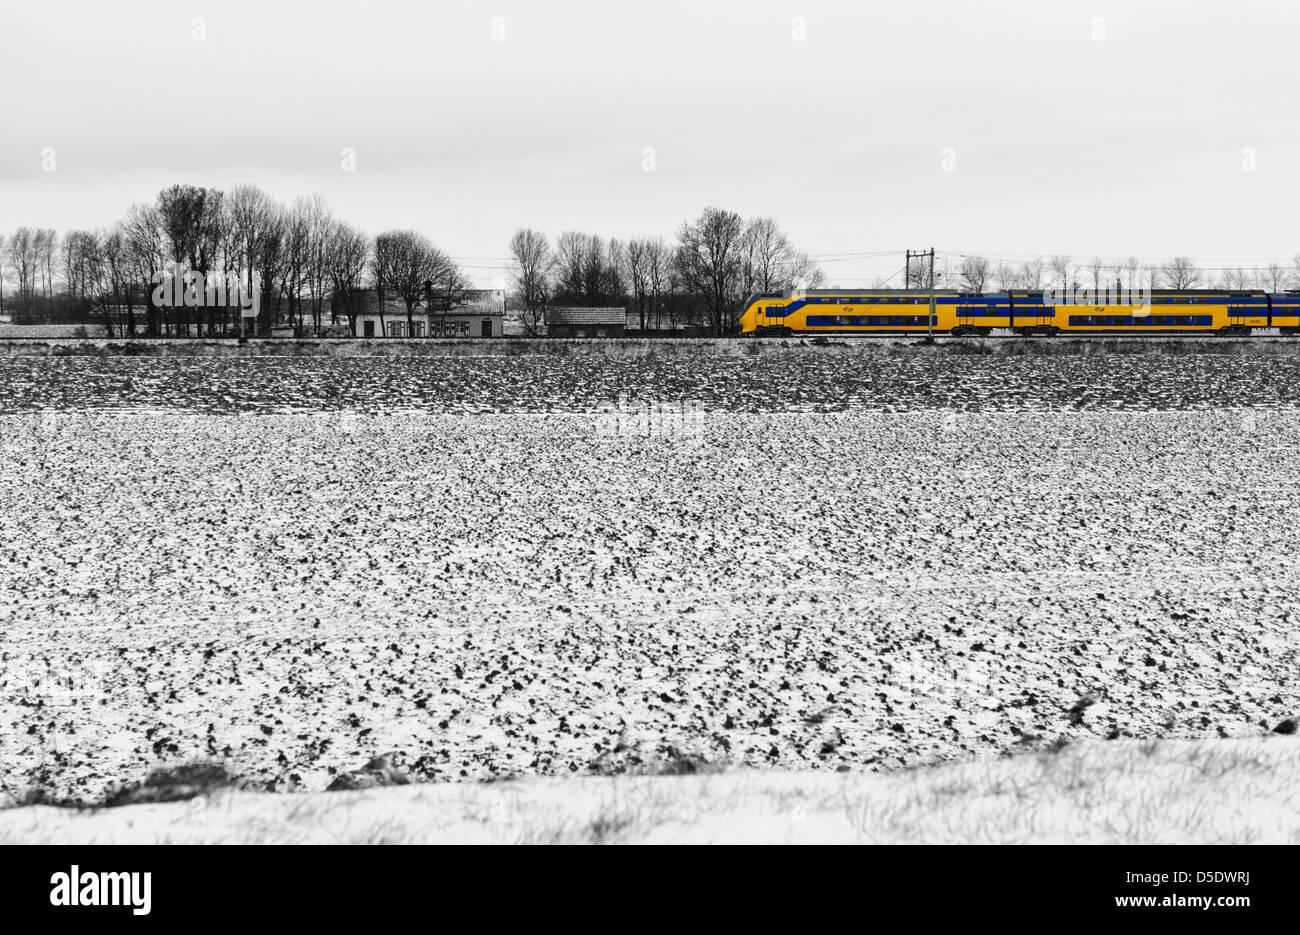 Passant train jaune des chemins de fer néerlandais dans un paysage couvert de neige. Zélande, Pays-Bas. Photo Stock